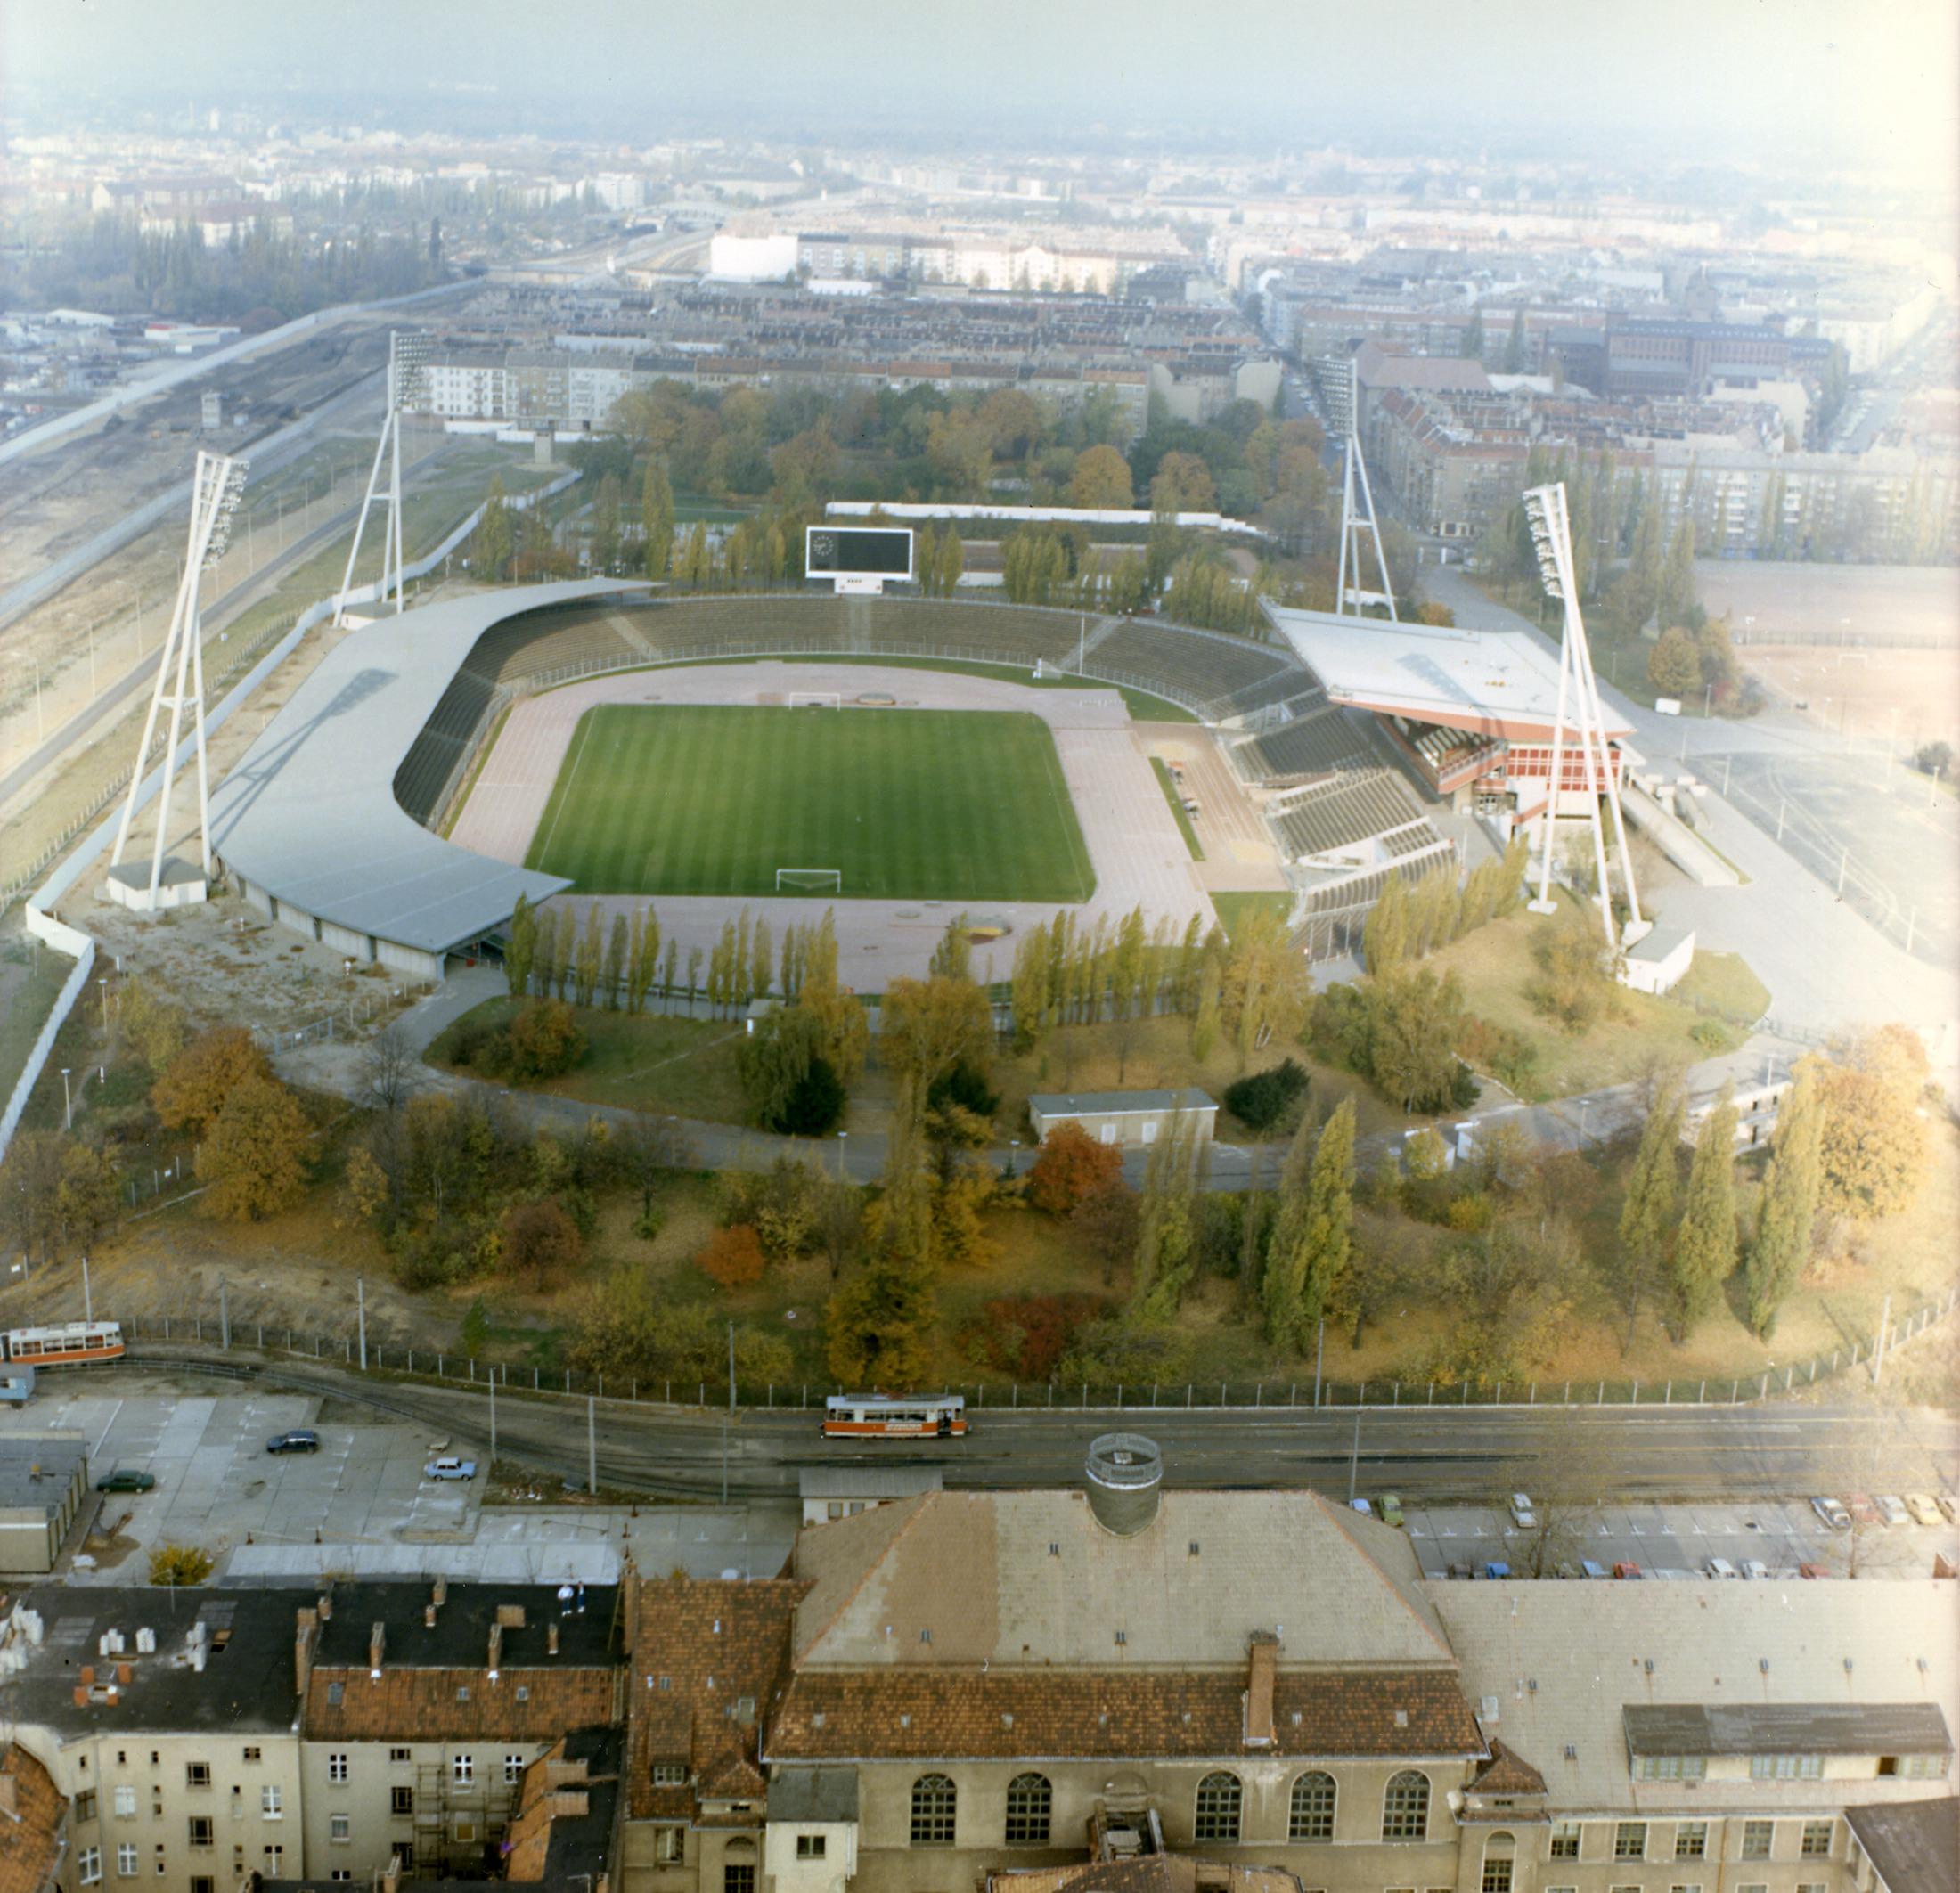 luftbilder der berliner mauer am friedrich ludwig jahn sportpark nach dem ausbau der. Black Bedroom Furniture Sets. Home Design Ideas